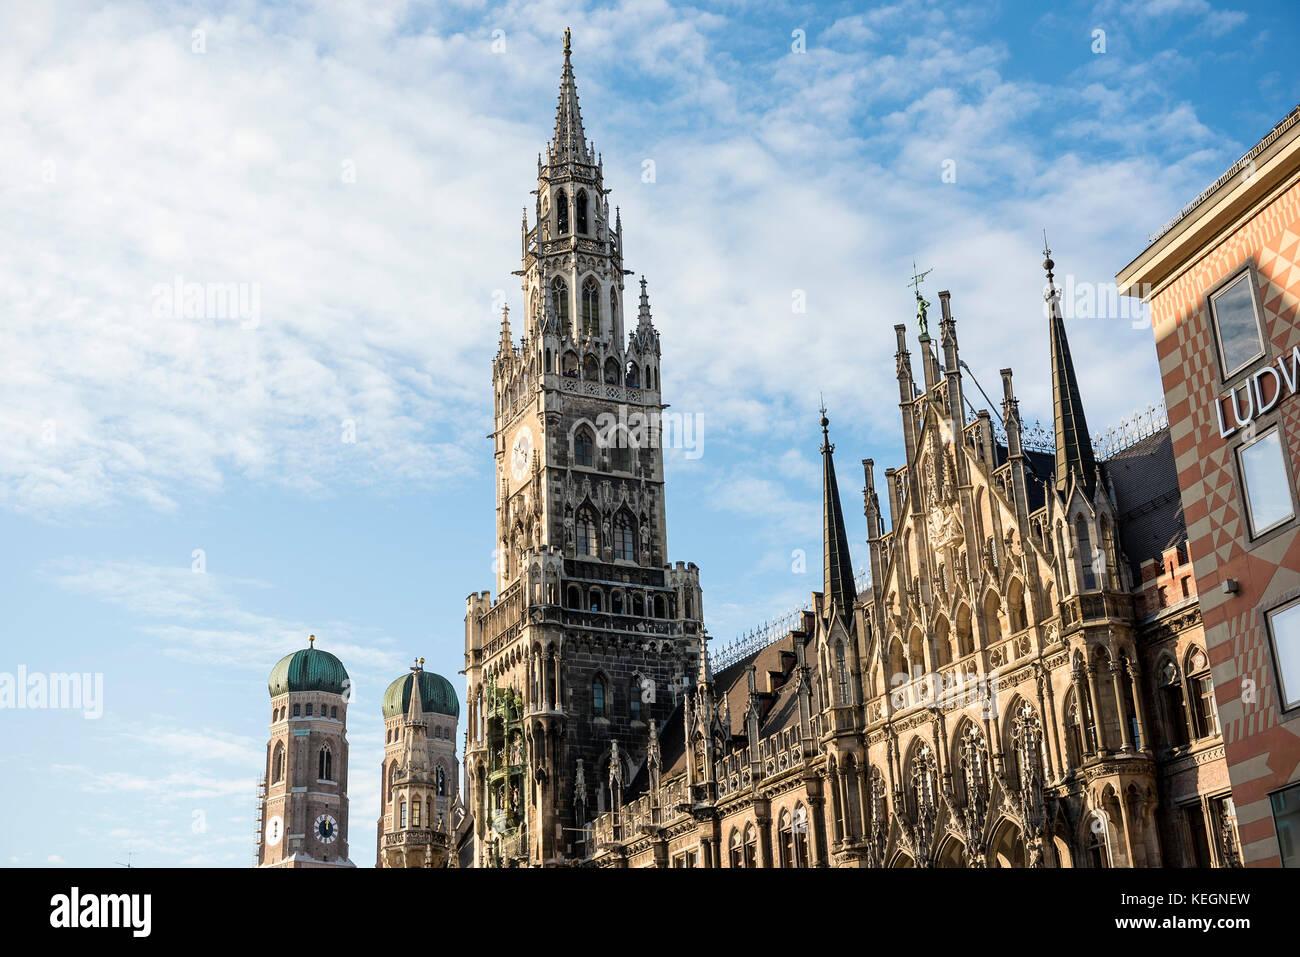 Marienplatz mit Rathhaus und Frauenkirche, Munich, Bavaria, Germany - Stock Image